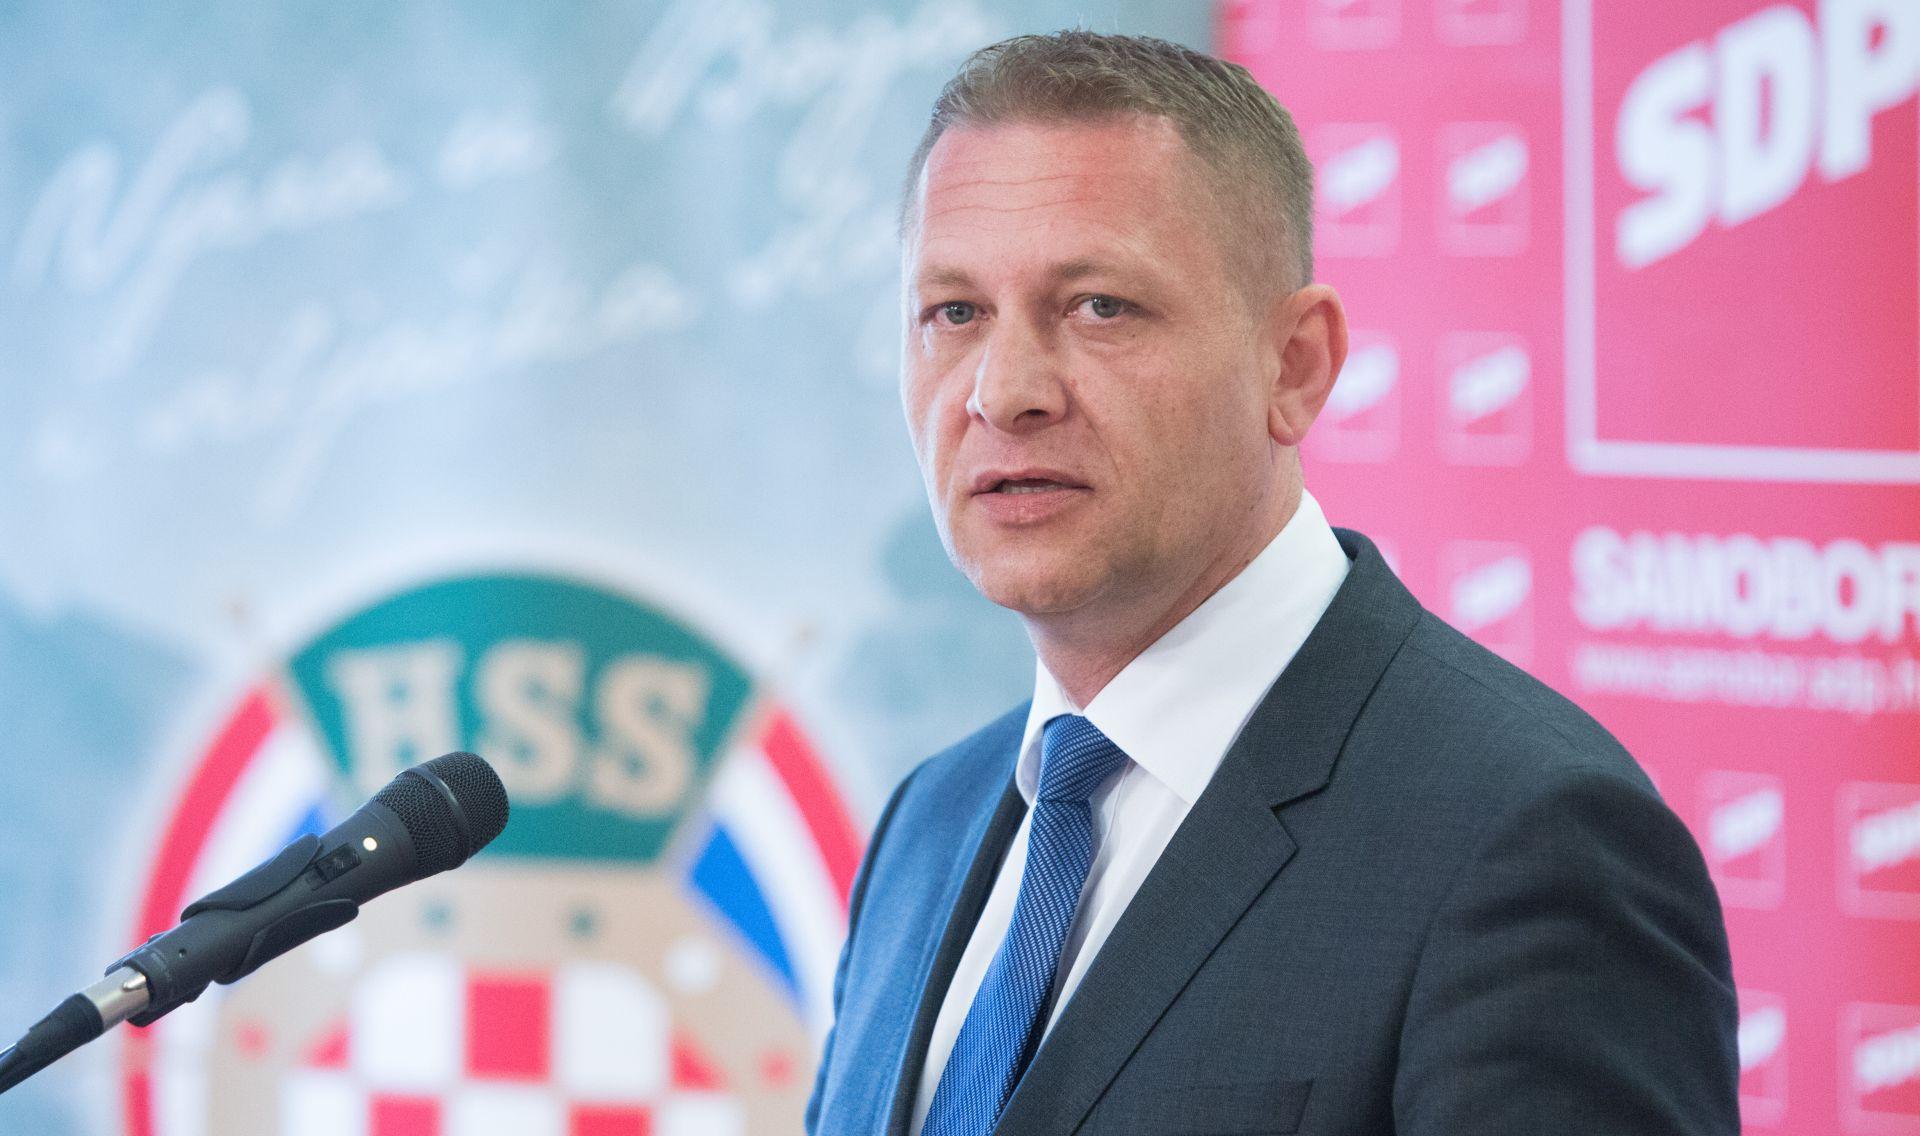 """BELJAK """"Cvitan i Bandić u Rusiji? Bojim se da ta delegacija ne napravi više štete nego koristi"""""""